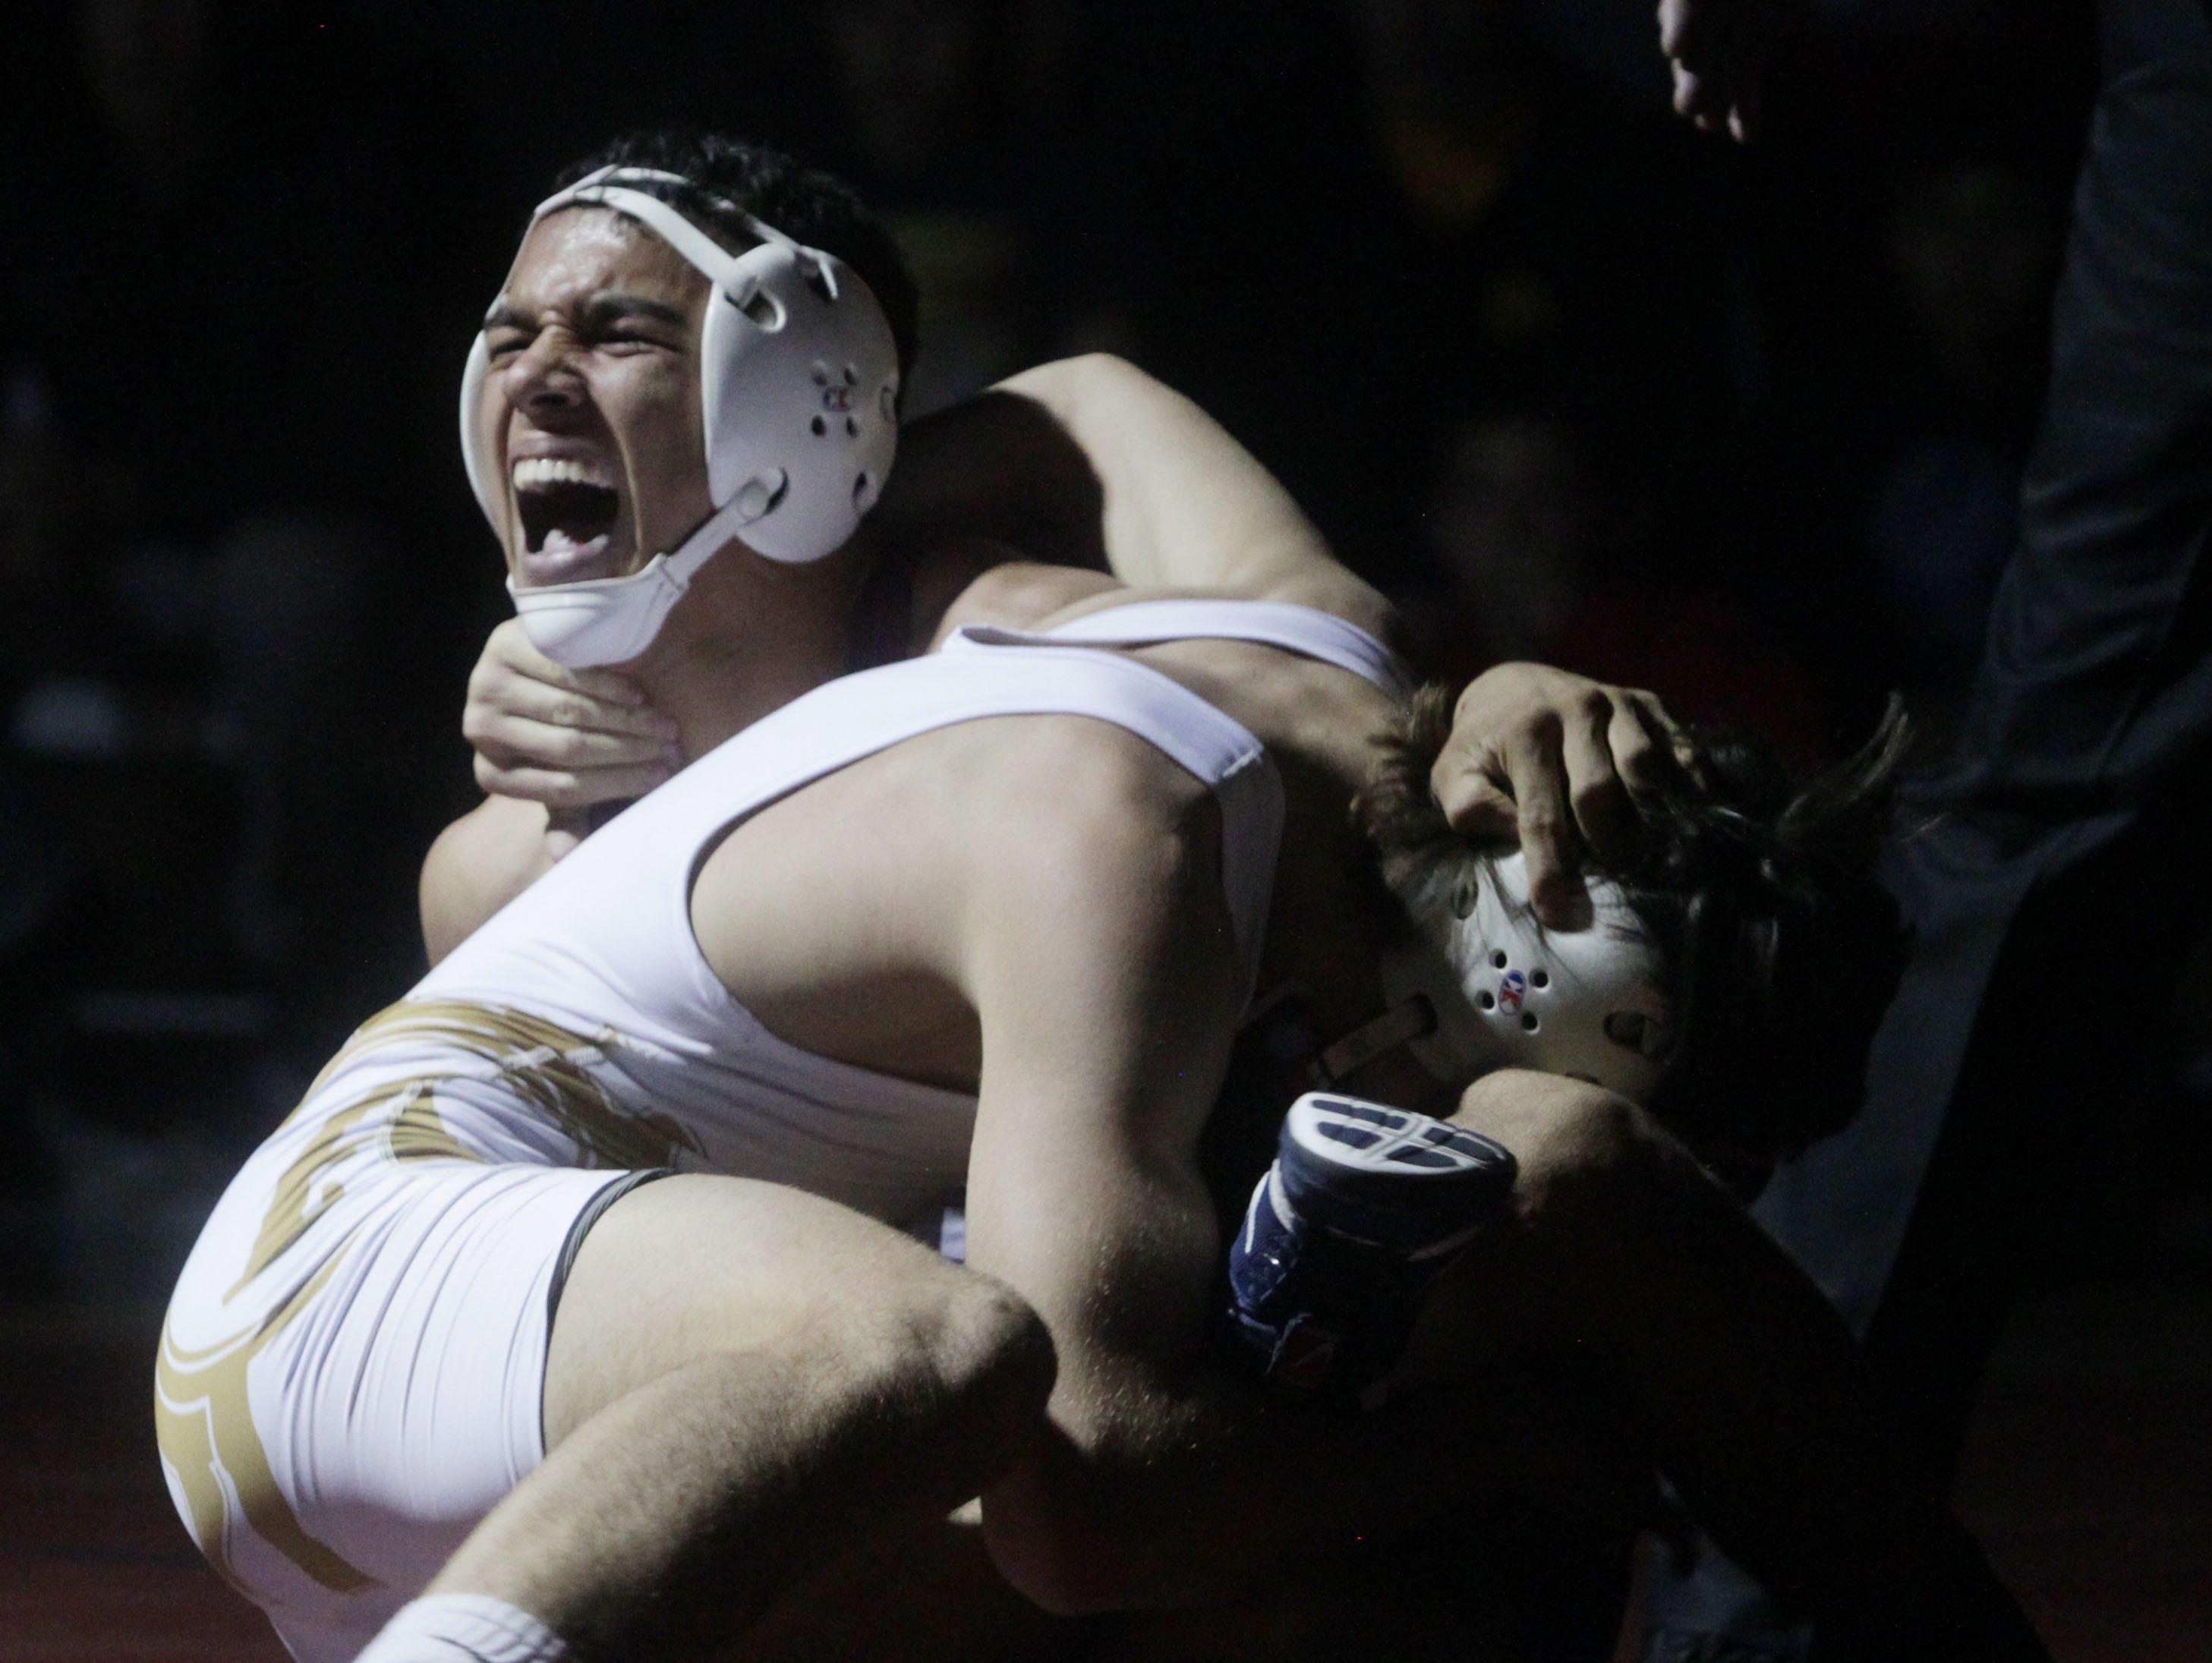 Wrestler of Palm Desert High School Troy Mantanona, in white uniform goes against Jacob Arrellano of La Quinta at La Quinta High School on January 27, 2016.